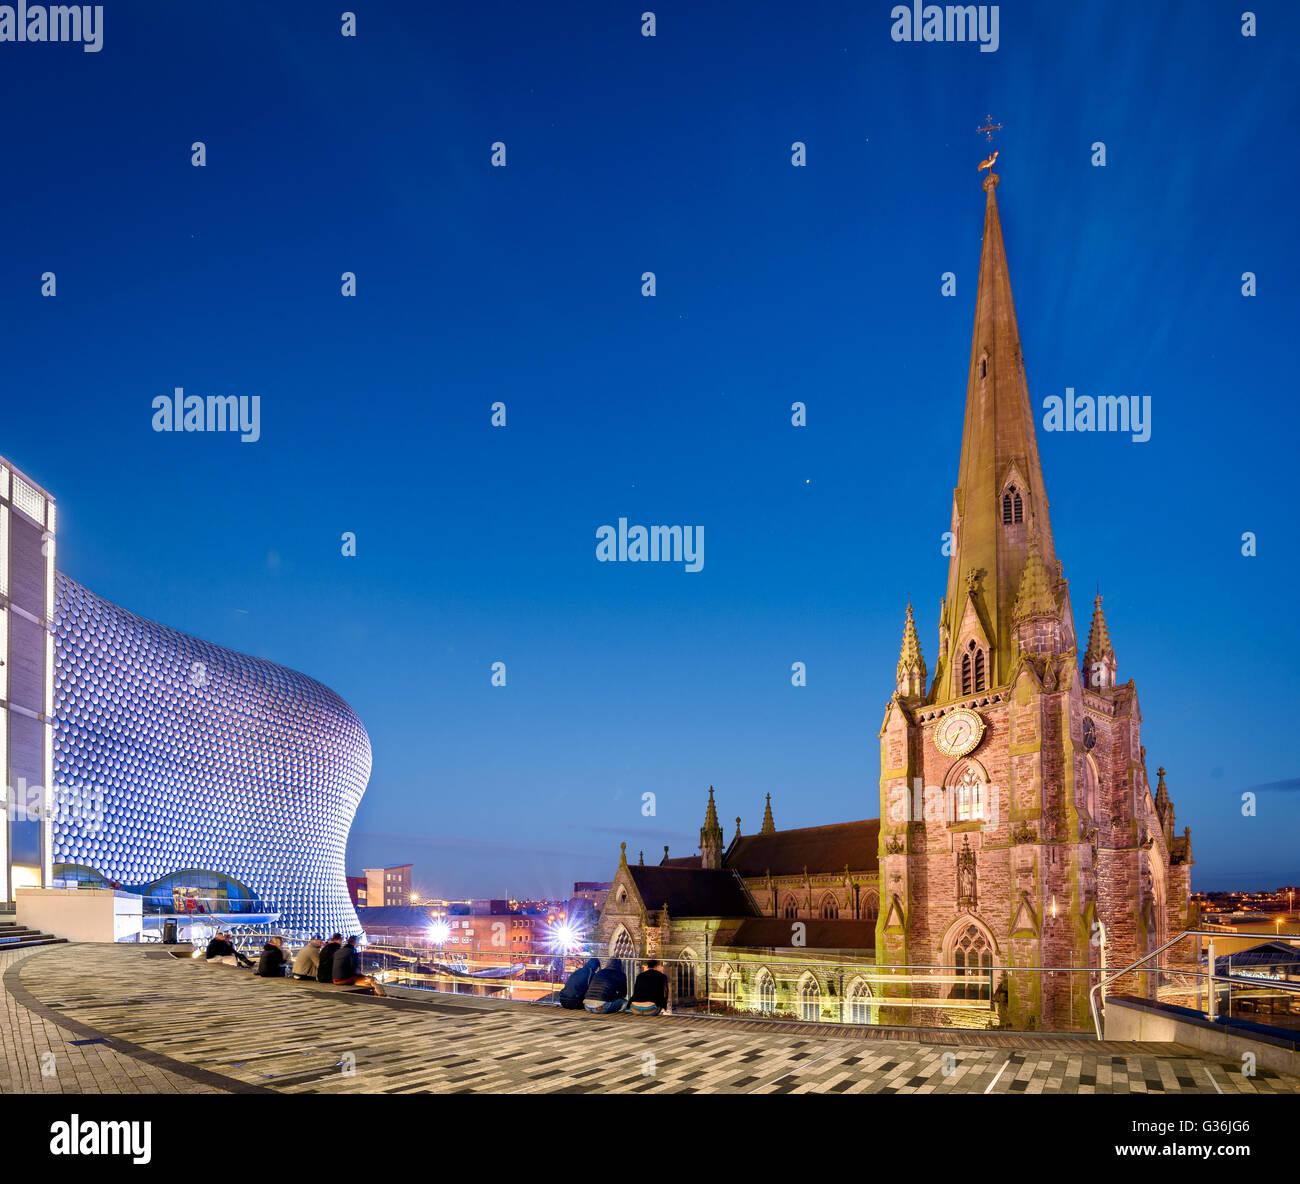 La chiesa di St Martin in Bull Ring di Birmingham in Inghilterra è l'originale chiesa parrocchiale di Birmingham Immagini Stock